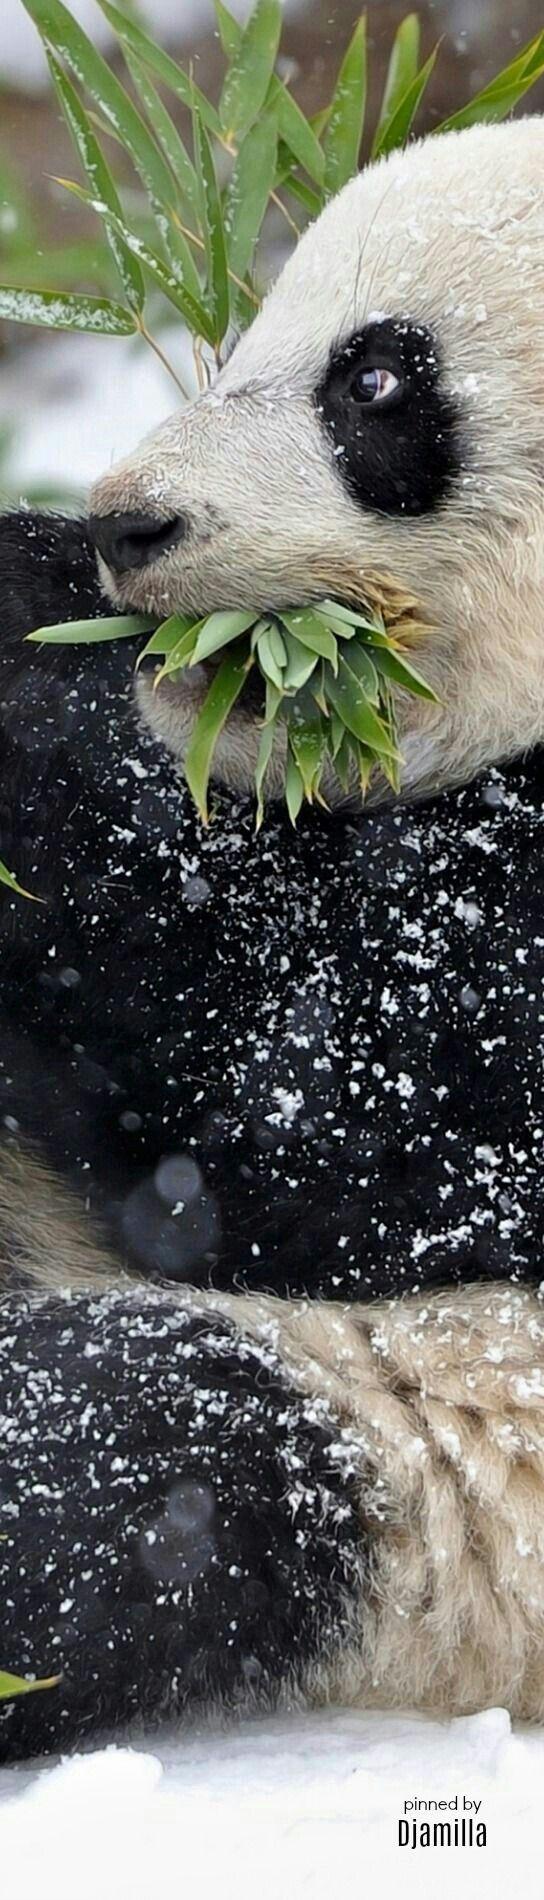 Happy Bamboo Eating Panda Bear!